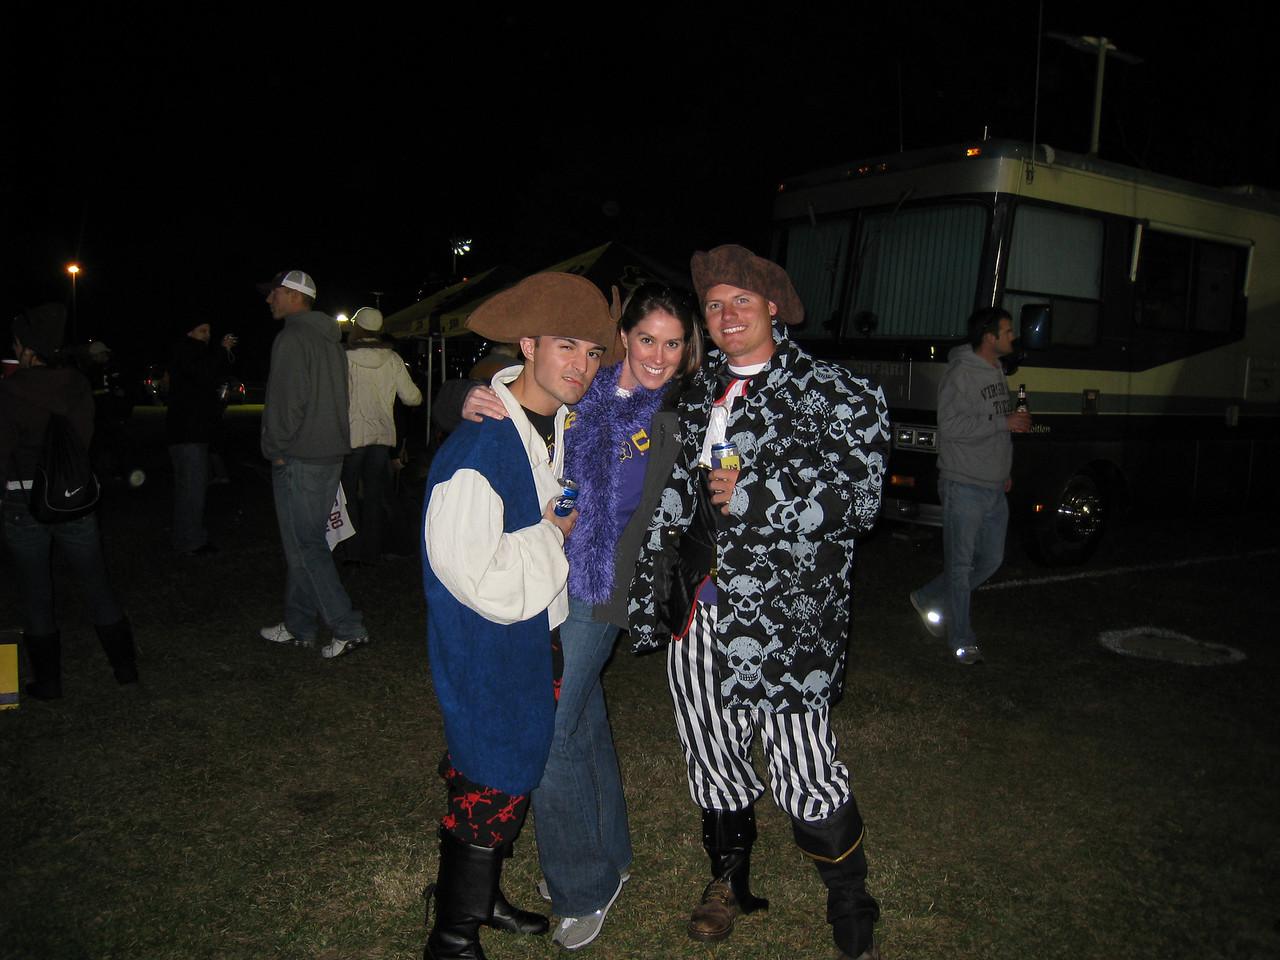 11/5/2009 - ECU vs VT - Chris Webster, Beth McChesney, JG Ferguson